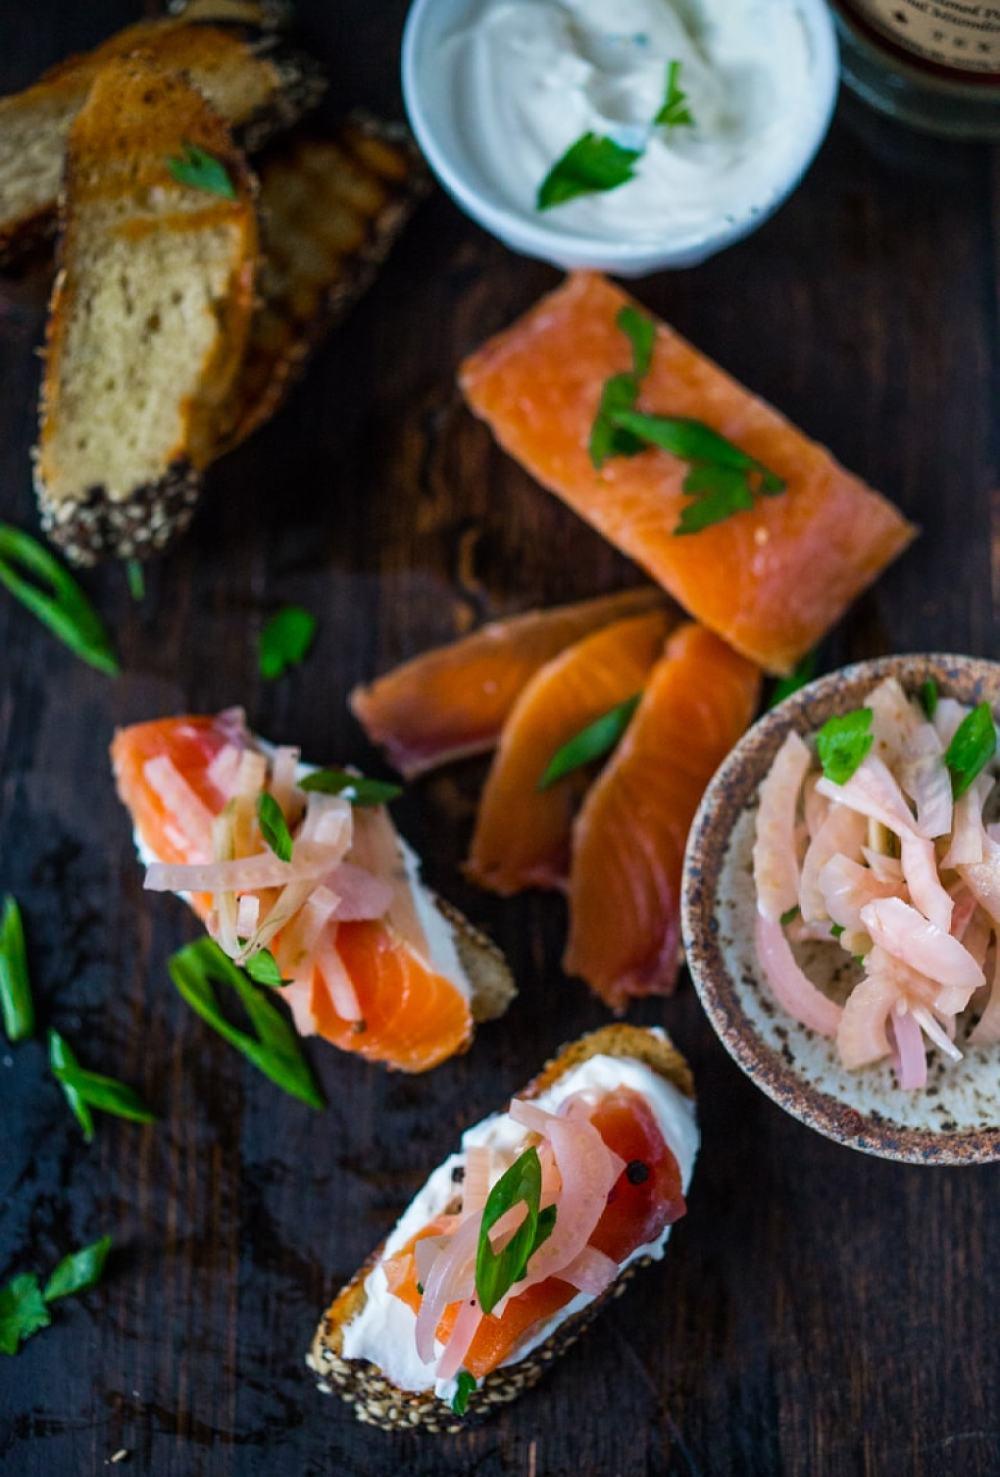 Salt Cured Salmon with Vodka, Juniper, Rosemary & Lemon Zest